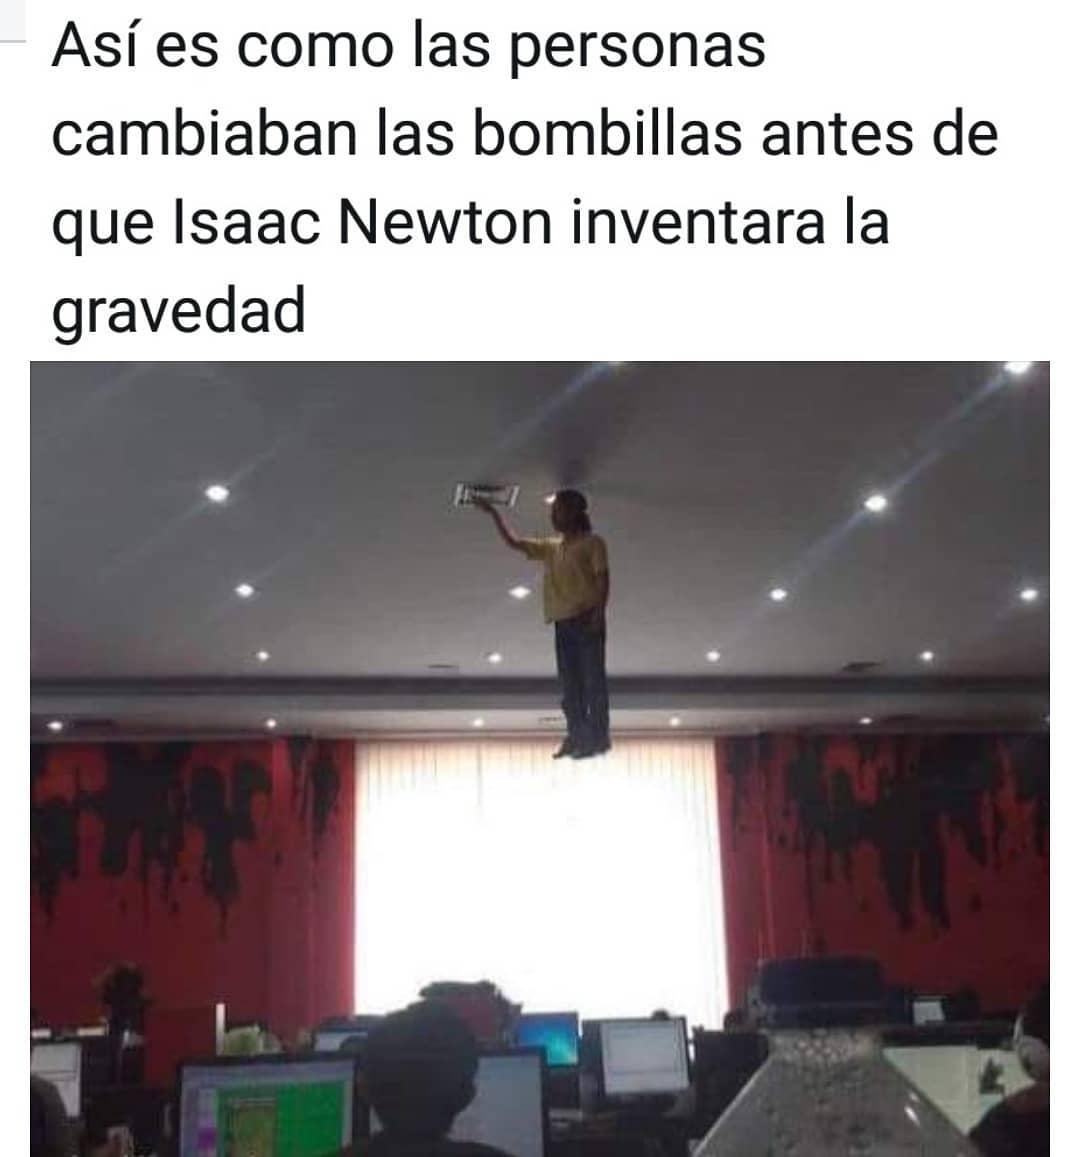 Así es como las personas cambiaban las bombillas antes de que Isaac Newton inventara la gravedad.